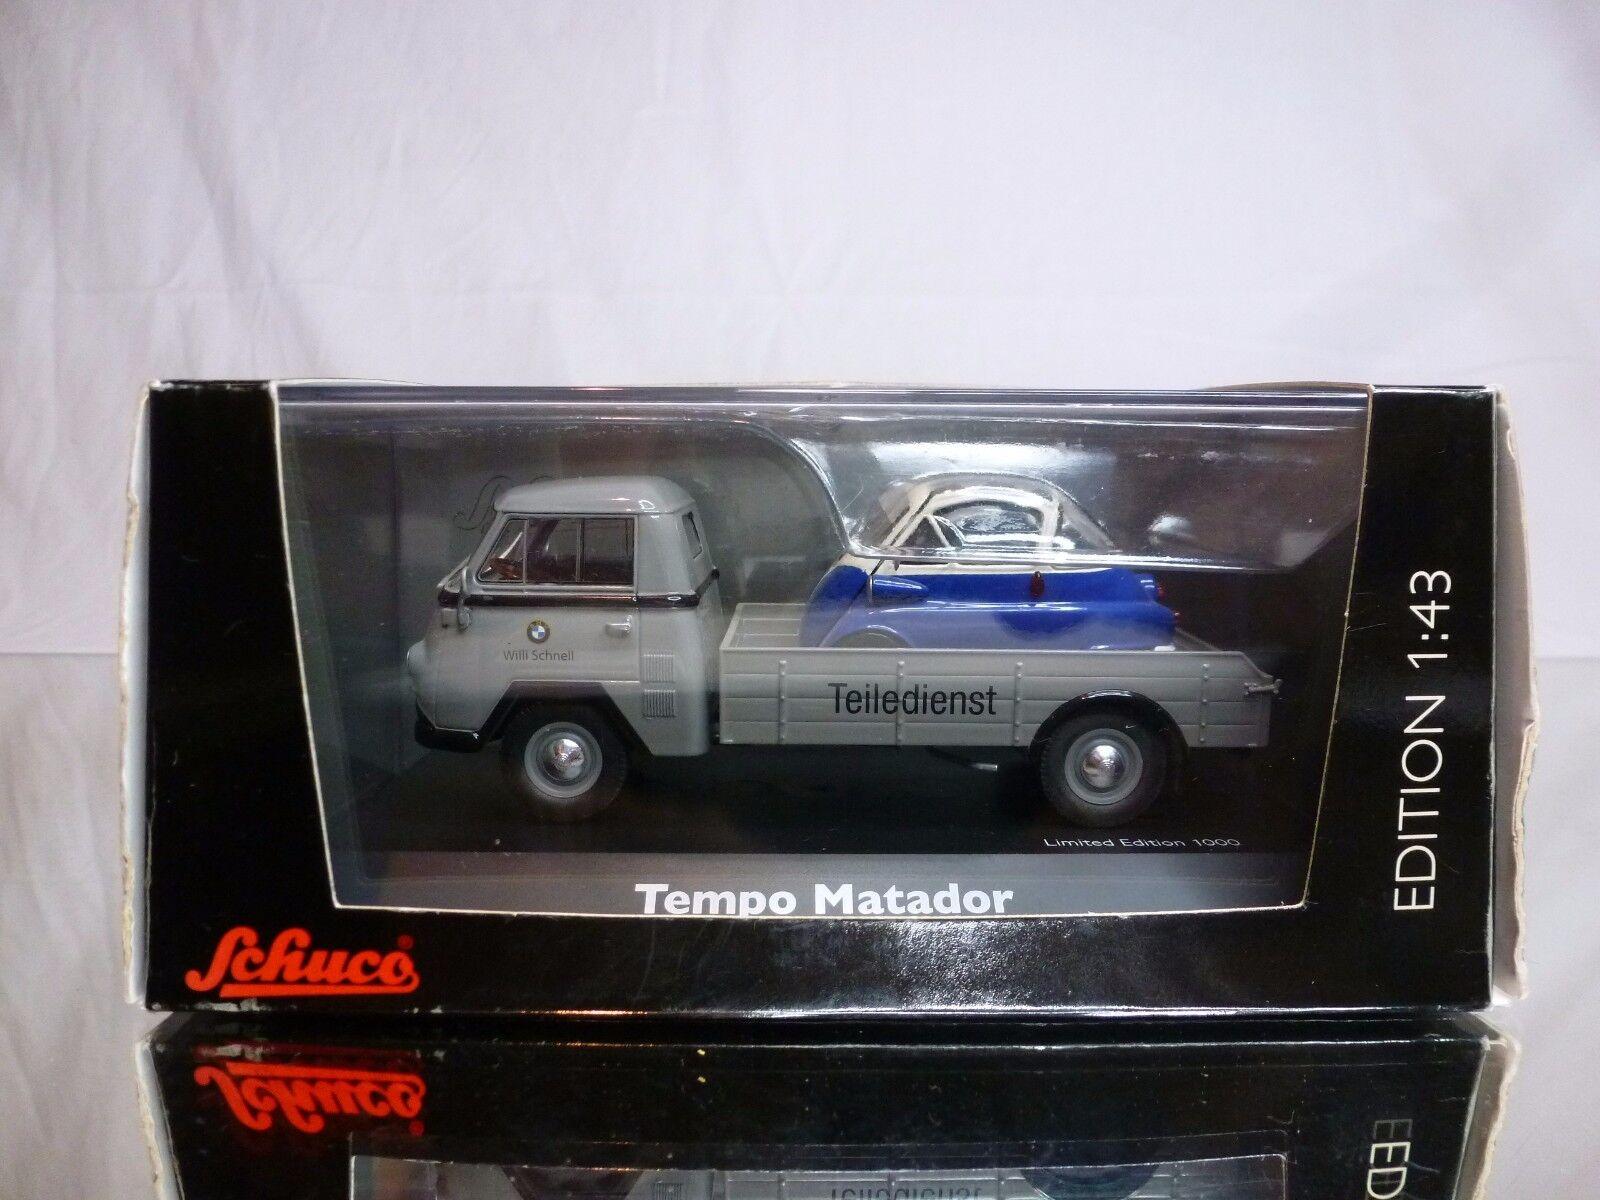 SCHUCO 3327 TEMPO MATADOR + BMW ISETTA - 1 43 43 43 - EXCELLENT IN BOX dcd8ed